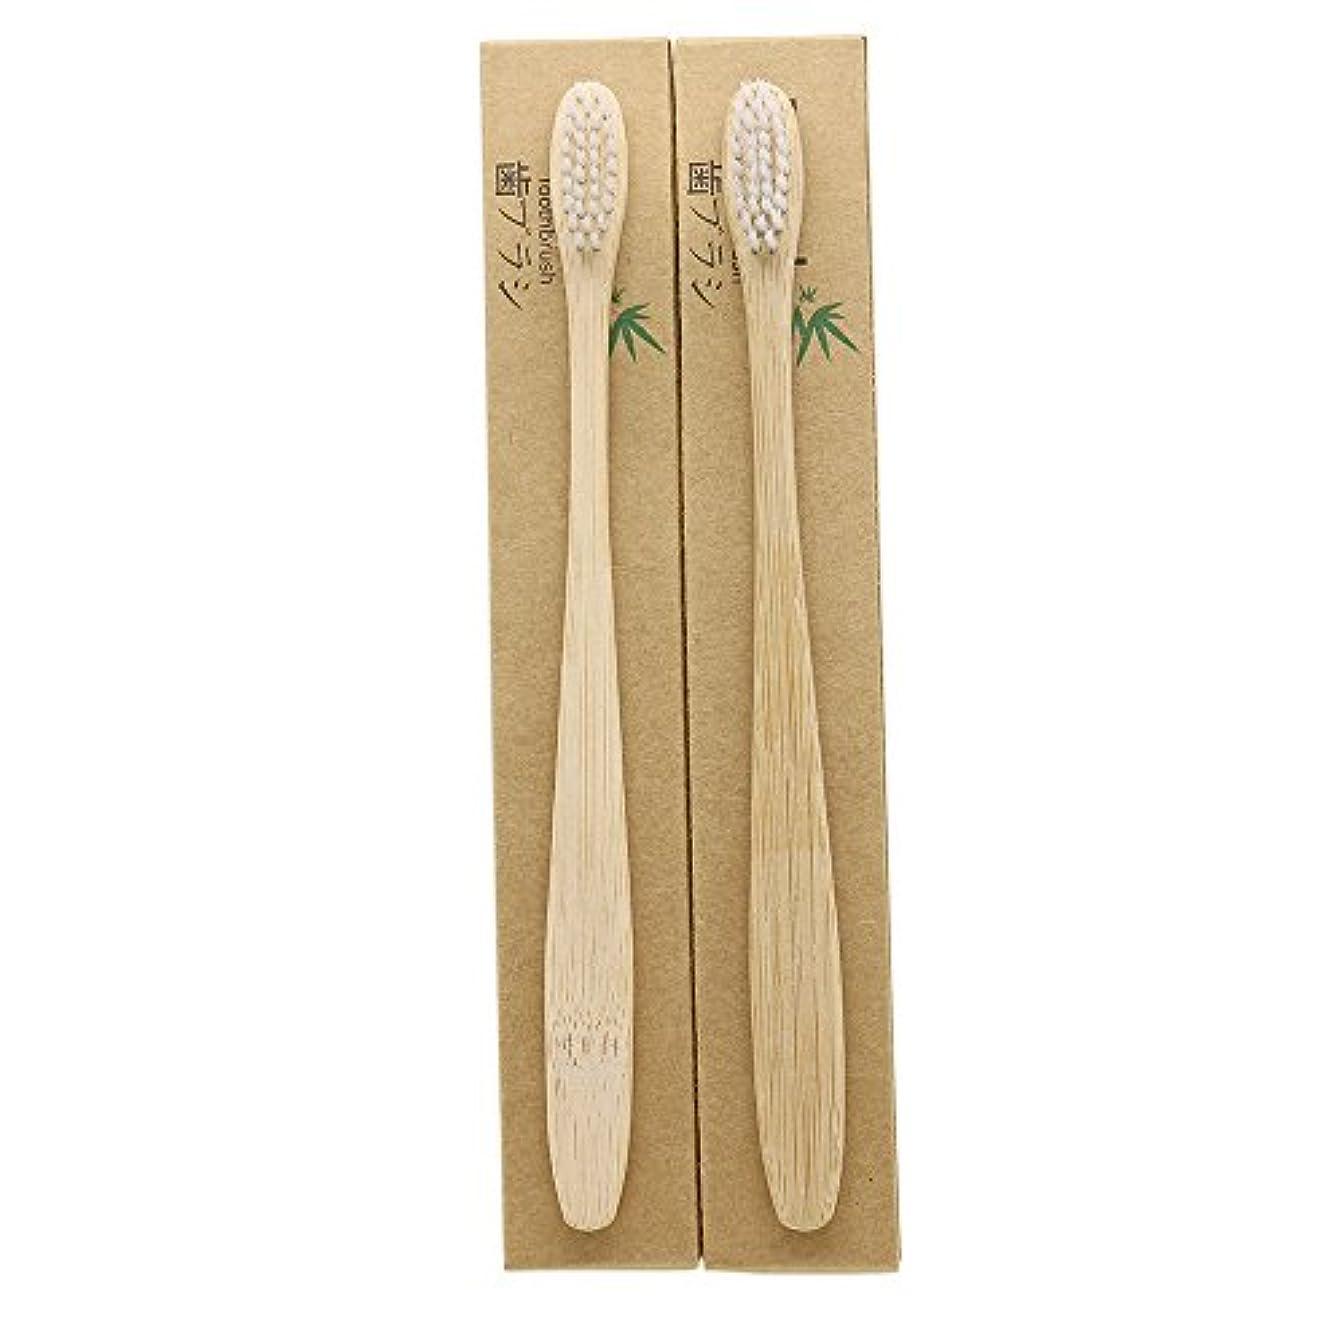 出発折り目歌N-amboo 竹製耐久度高い 歯ブラシ 2本入り セット エコ ヘッド小さい 白い